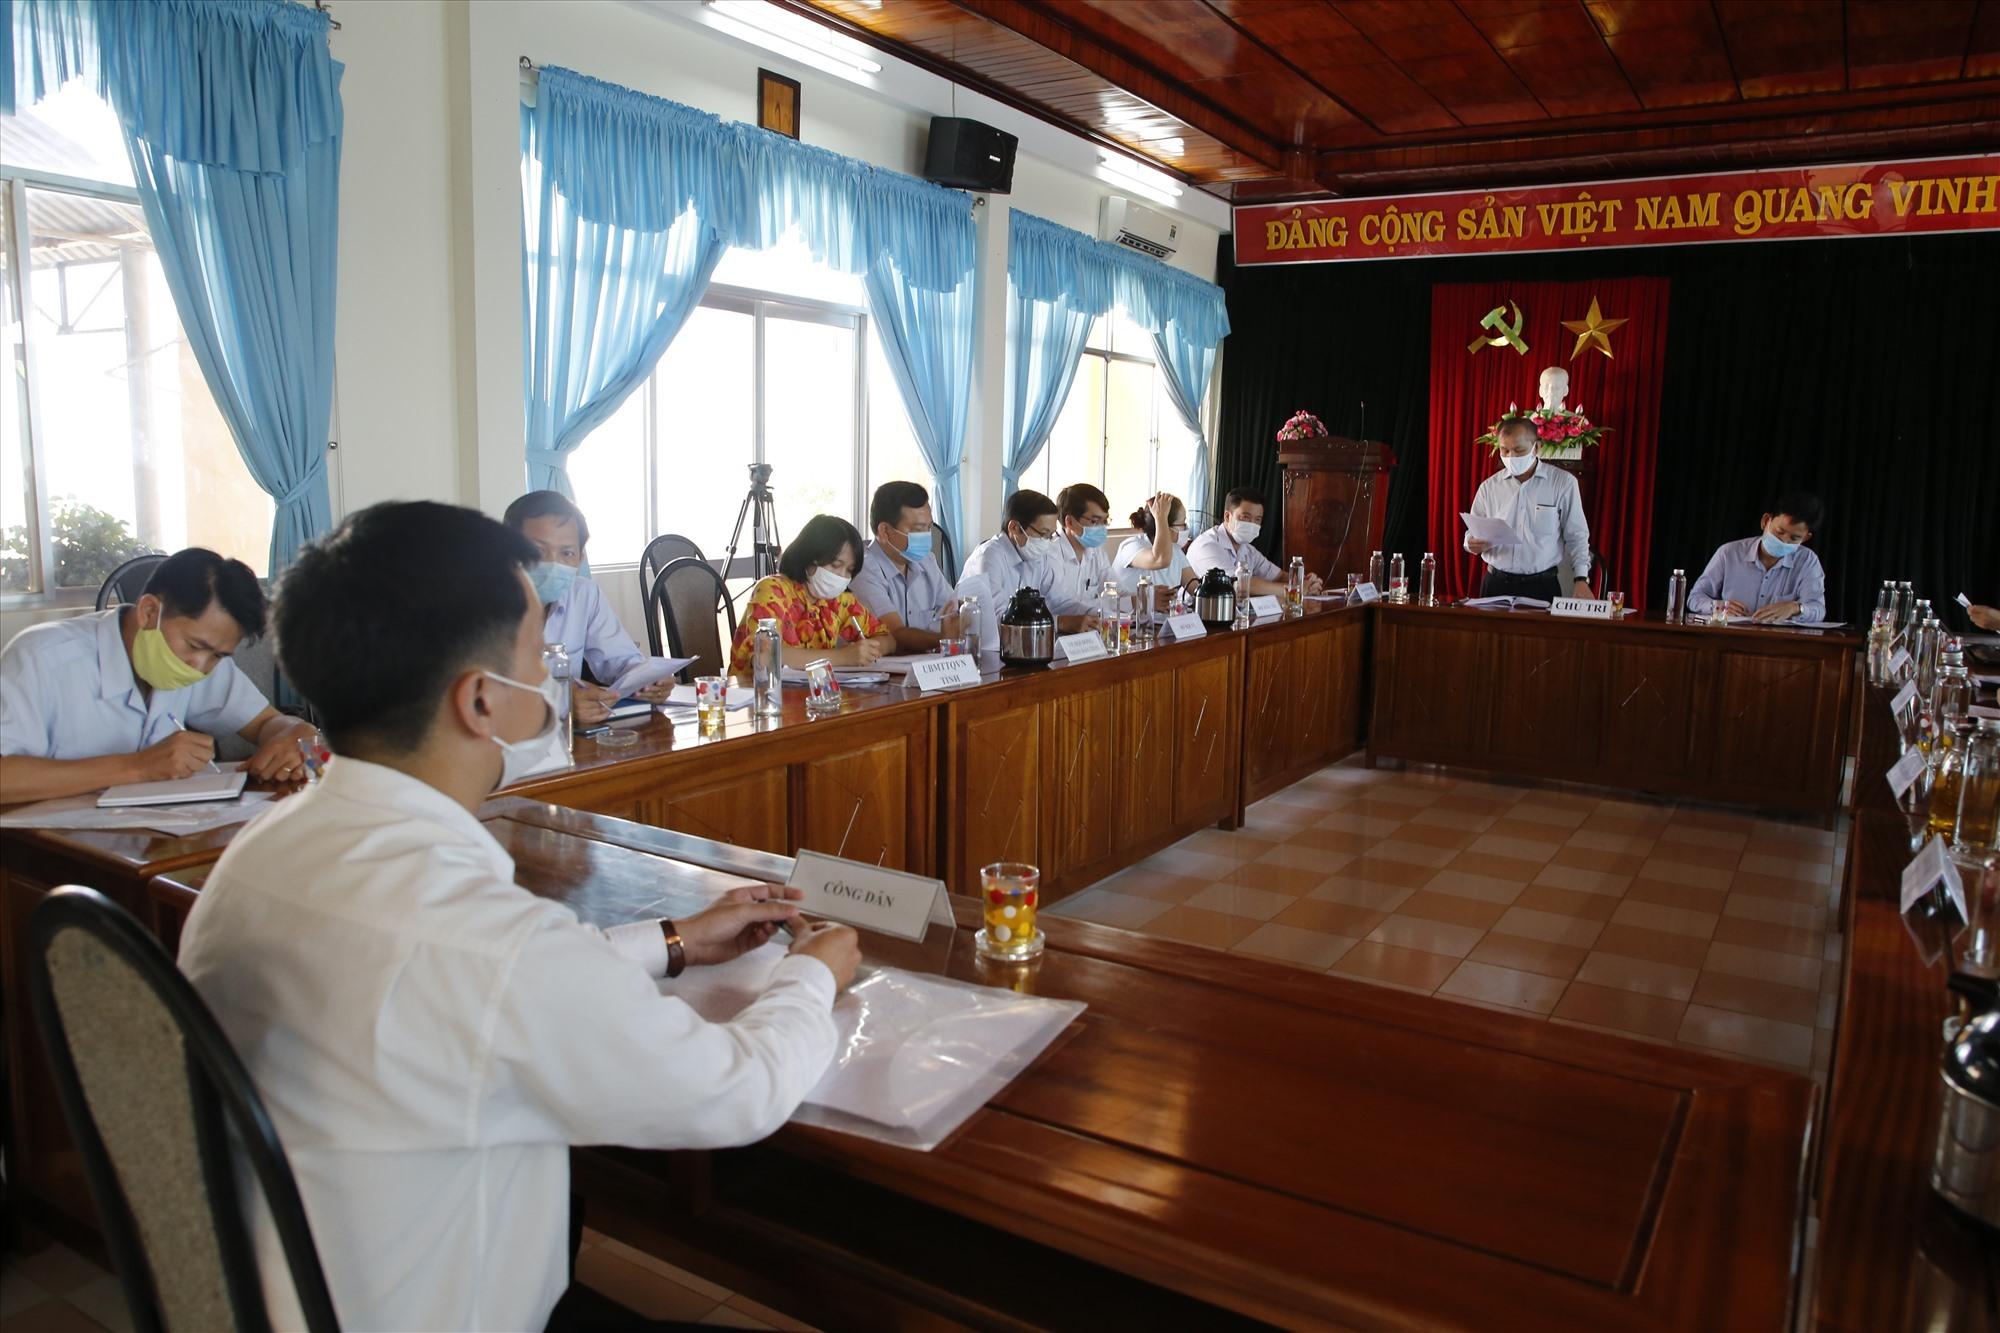 Thanh tra tỉnh kết luận không công nhận nội dung khiếu nại của ông Nguyễn Kim Bách về việc xử lý kỷ luật cảnh cáo, trừ 50% số điểm ở bài thi môn chuyên môn nghiệp vụ